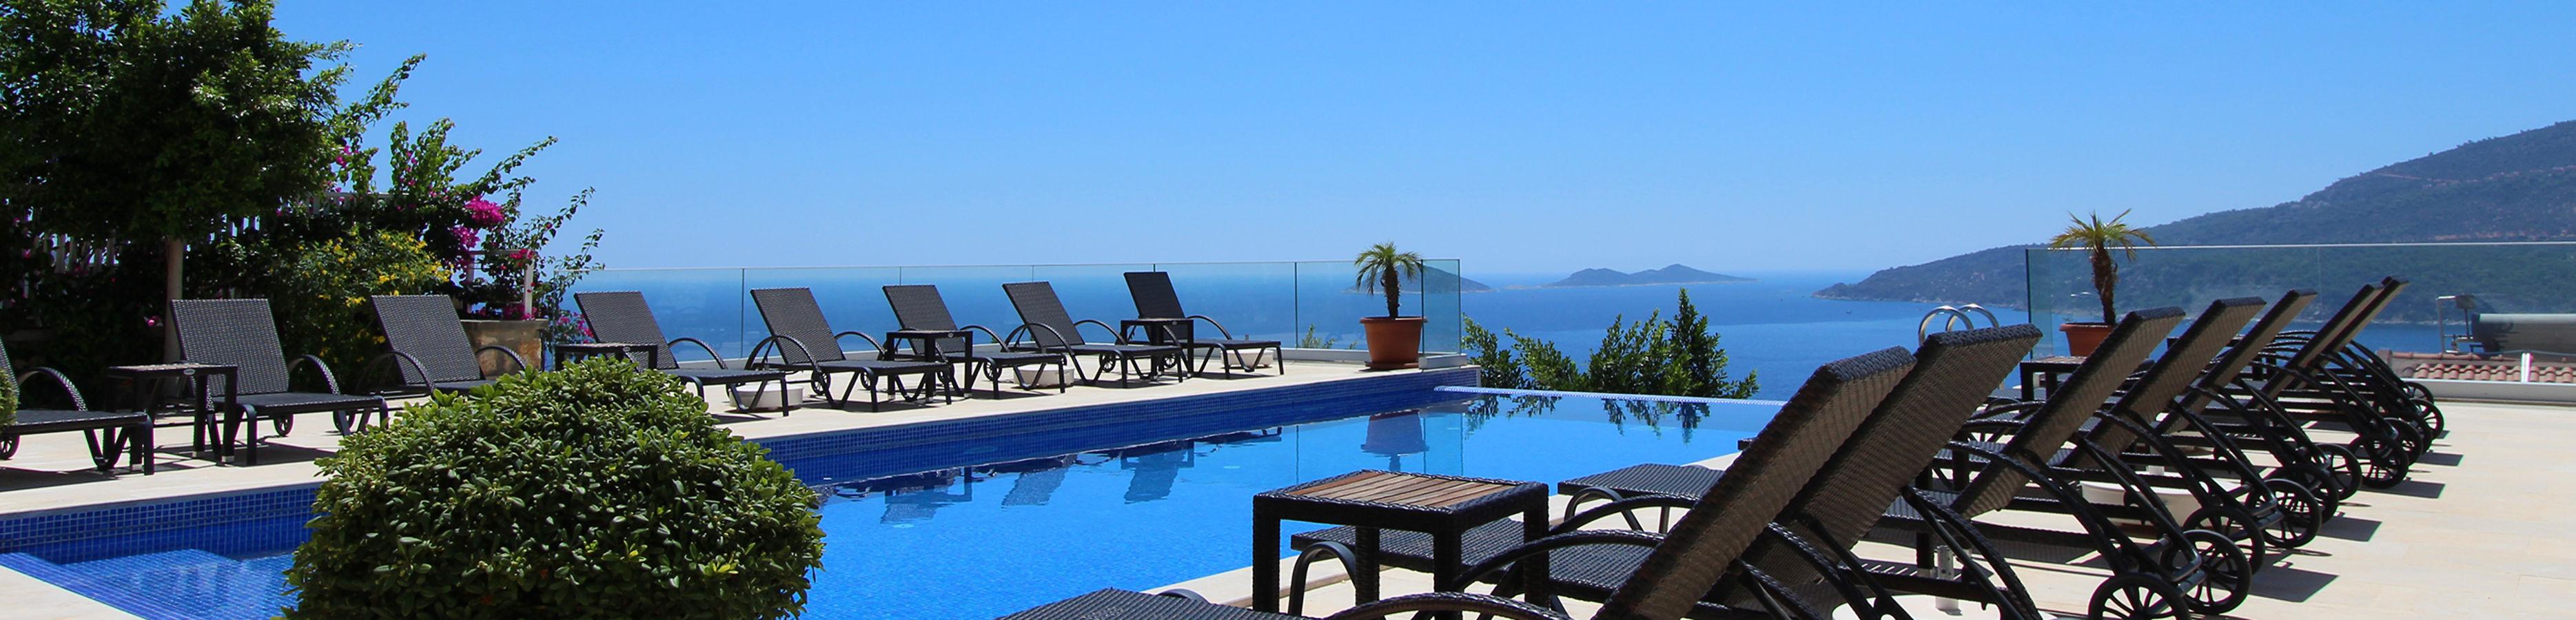 Kalkan Penthouse Appartementen te koop Panoramisch Zeezicht